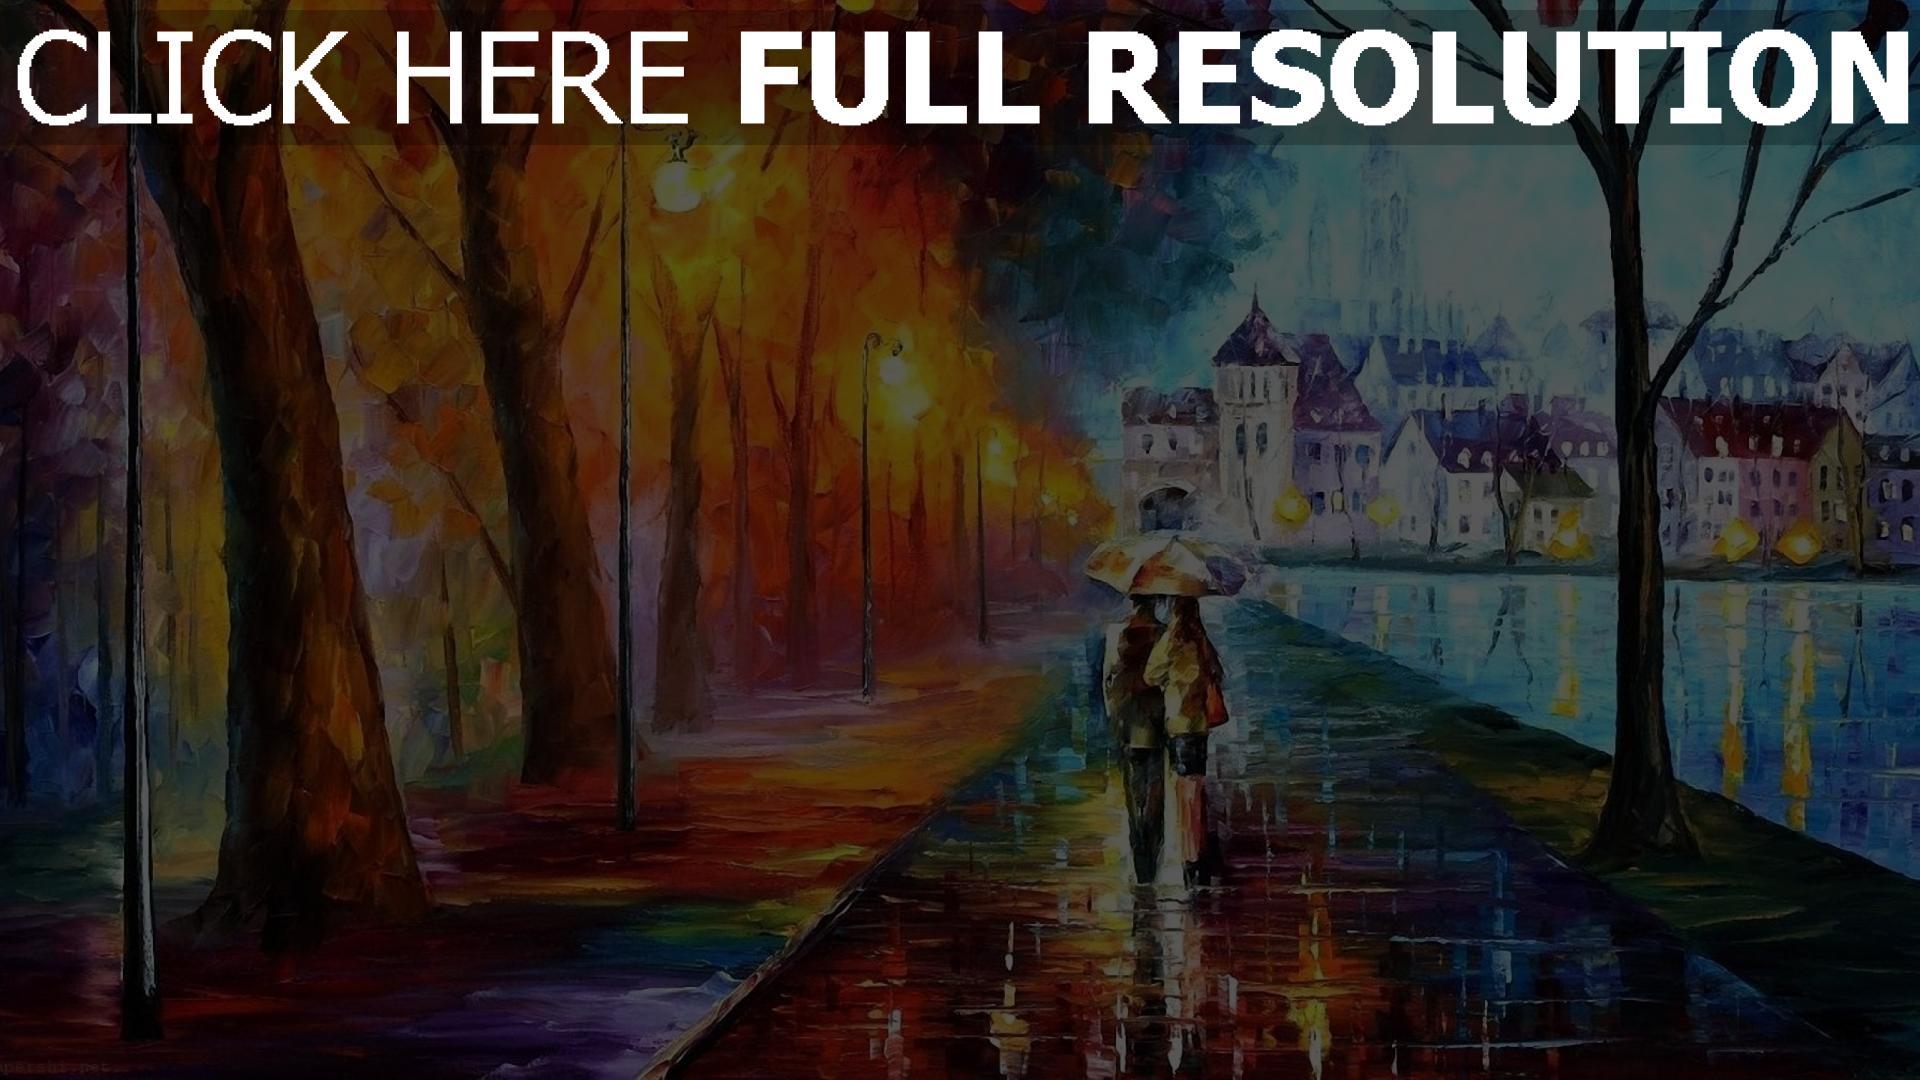 t l charger 1920x1080 full hd fond d 39 cran couple promenade parapluie romantique bonheur images. Black Bedroom Furniture Sets. Home Design Ideas